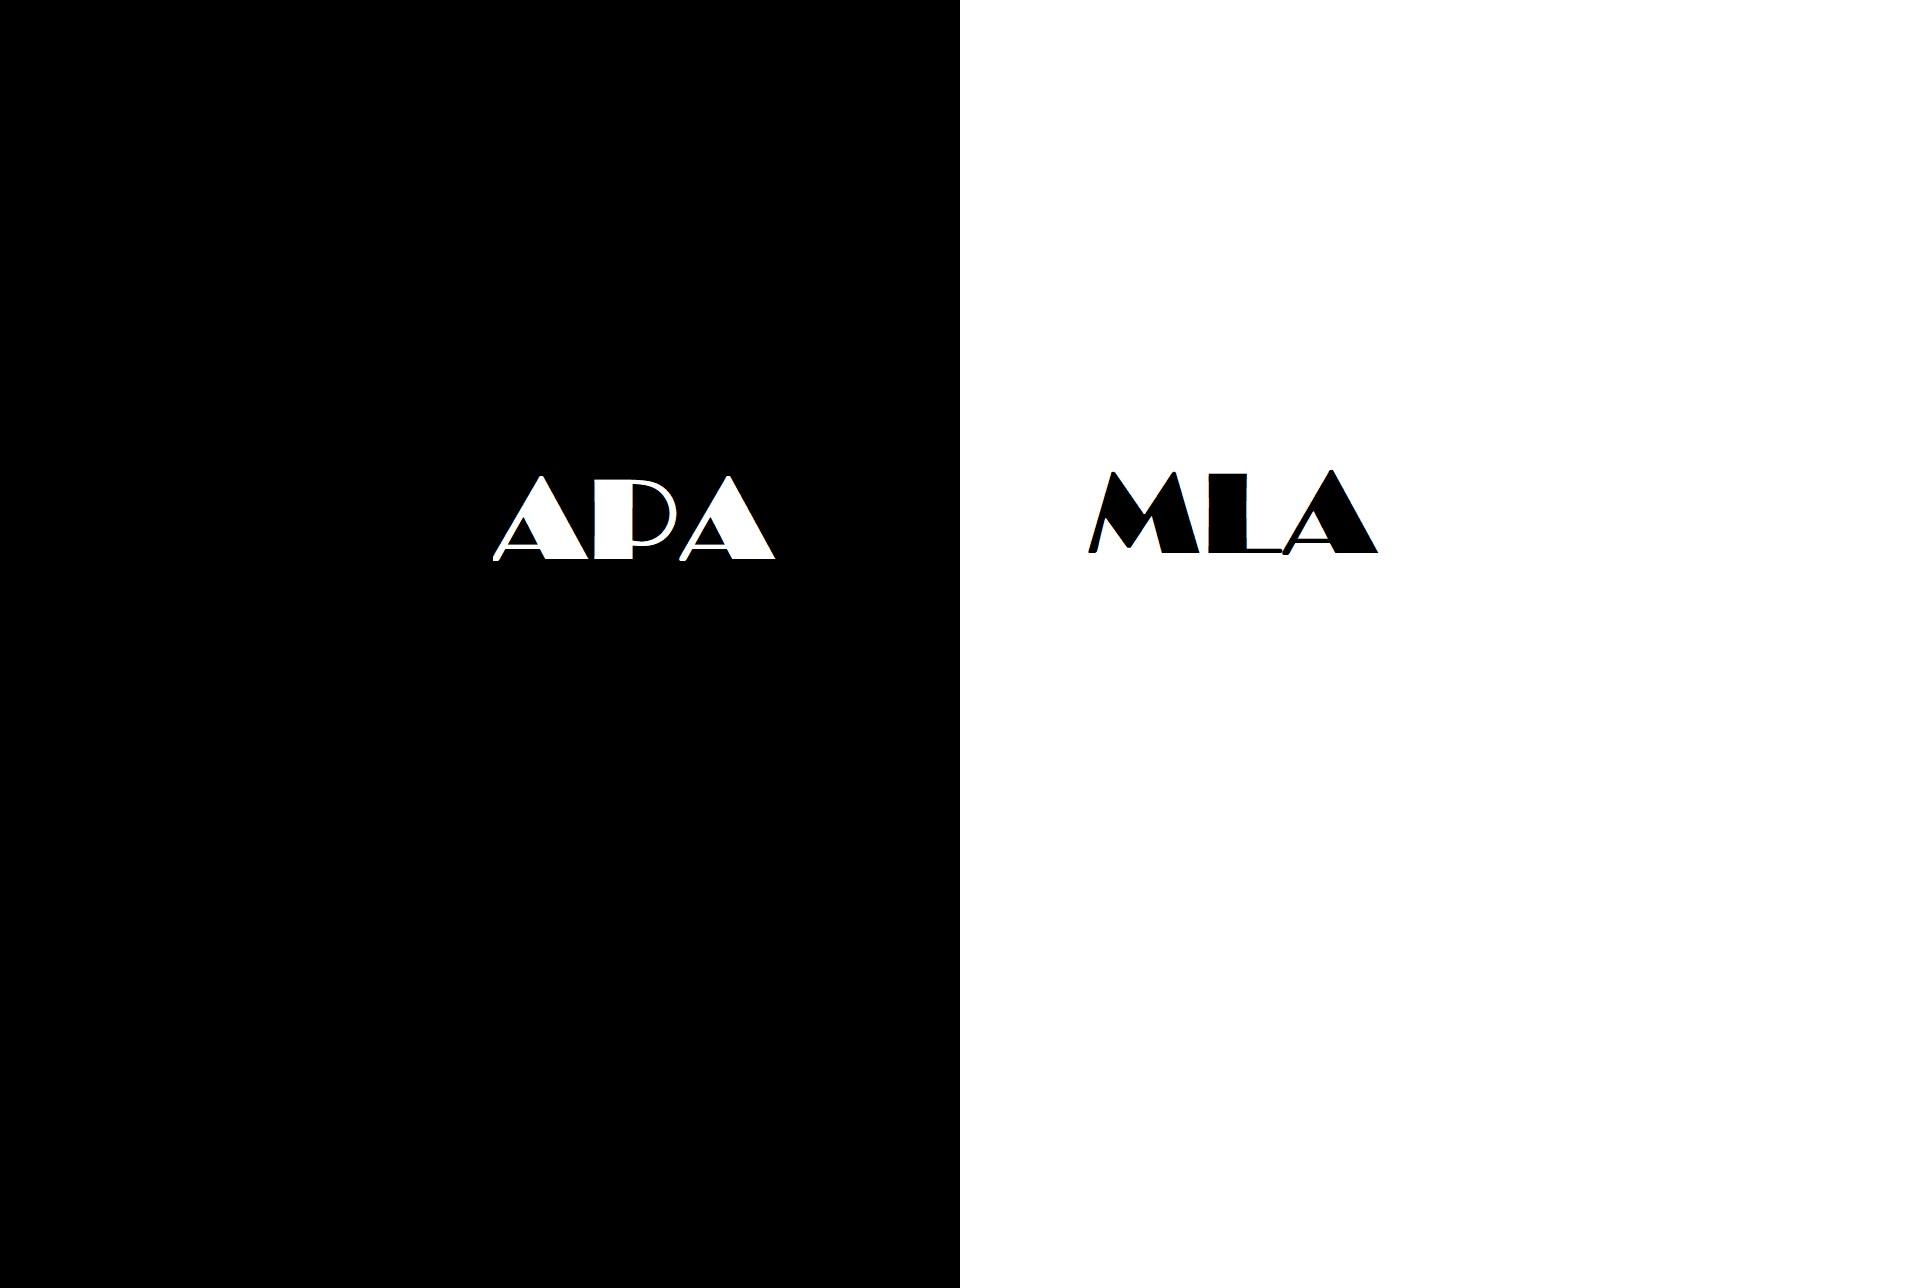 mla-vs-apa